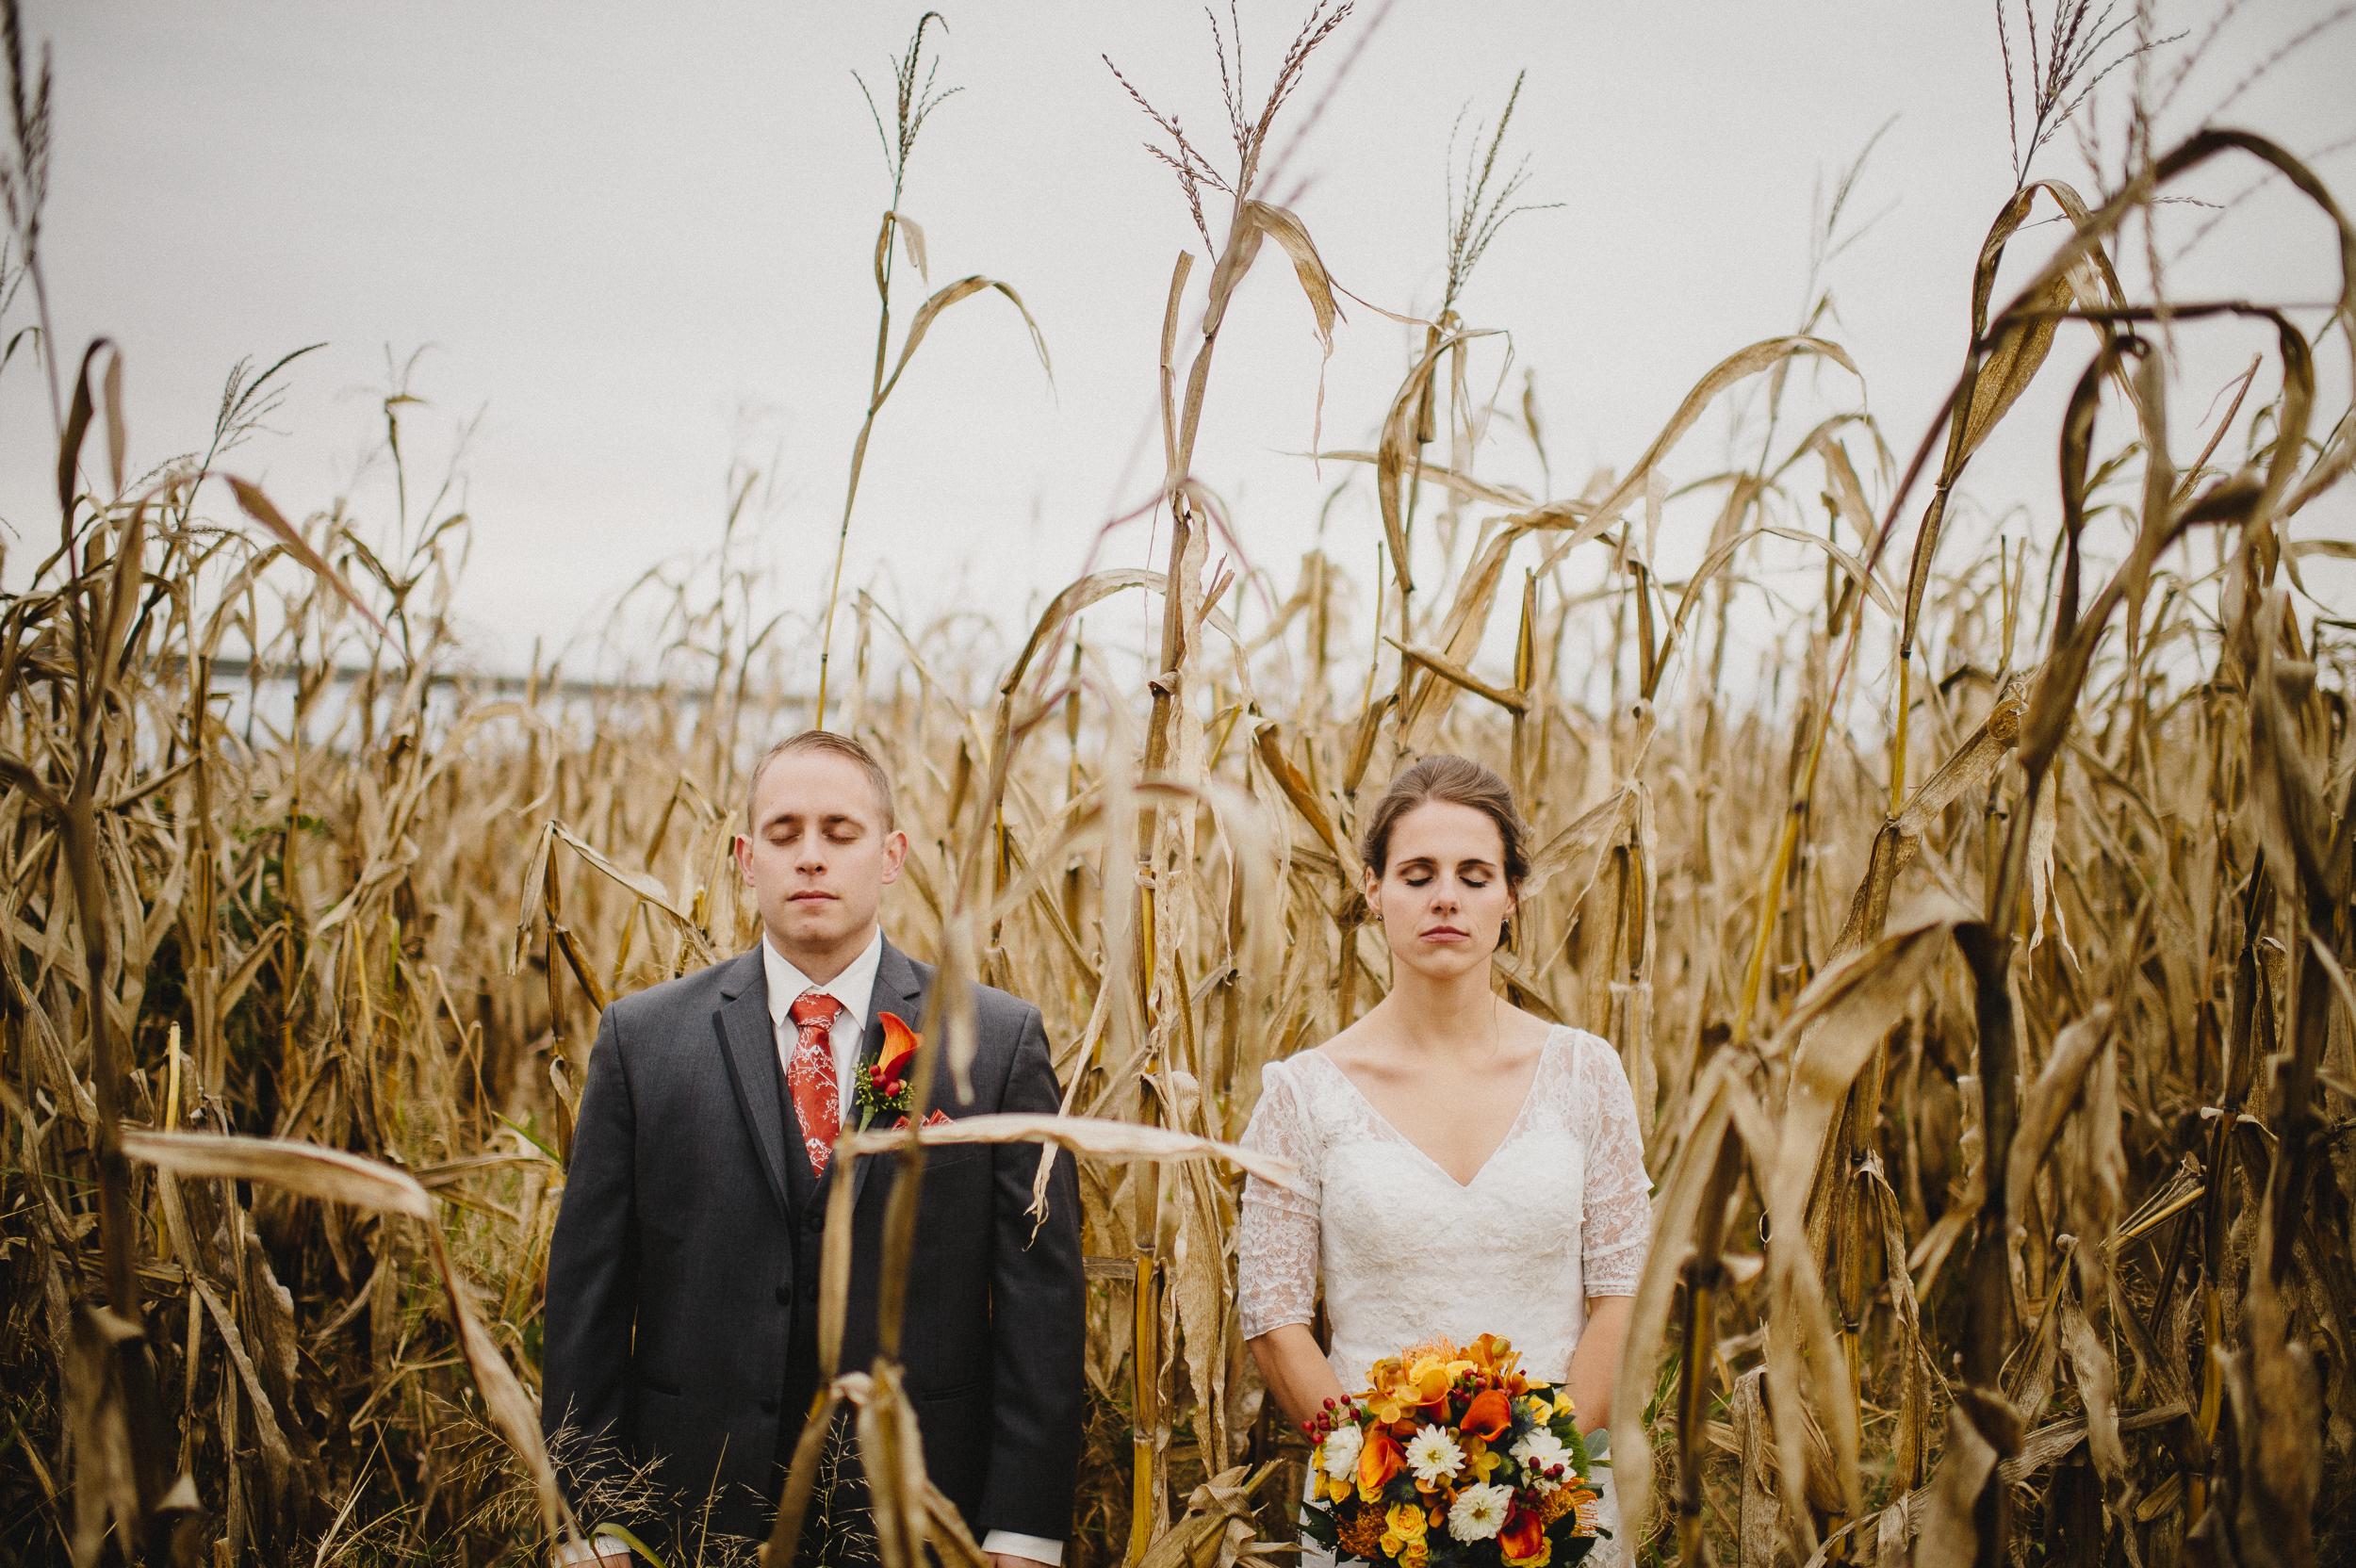 thousand-acre-farm-wedding-photographer-57.jpg